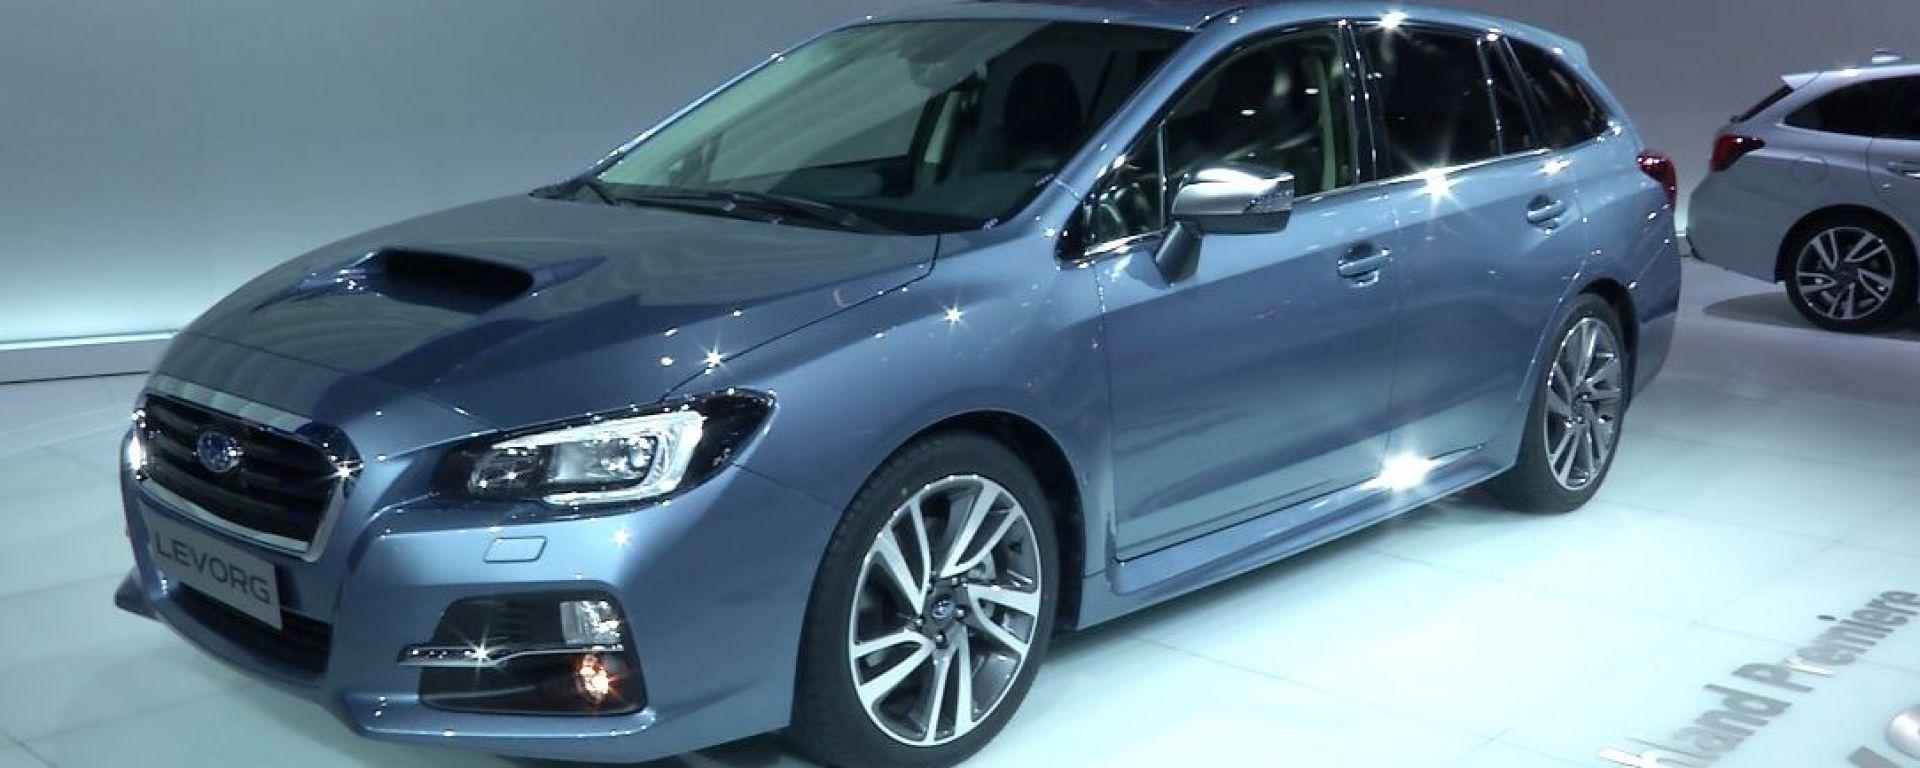 IAA Francoforte 2015: la Subaru Levorg